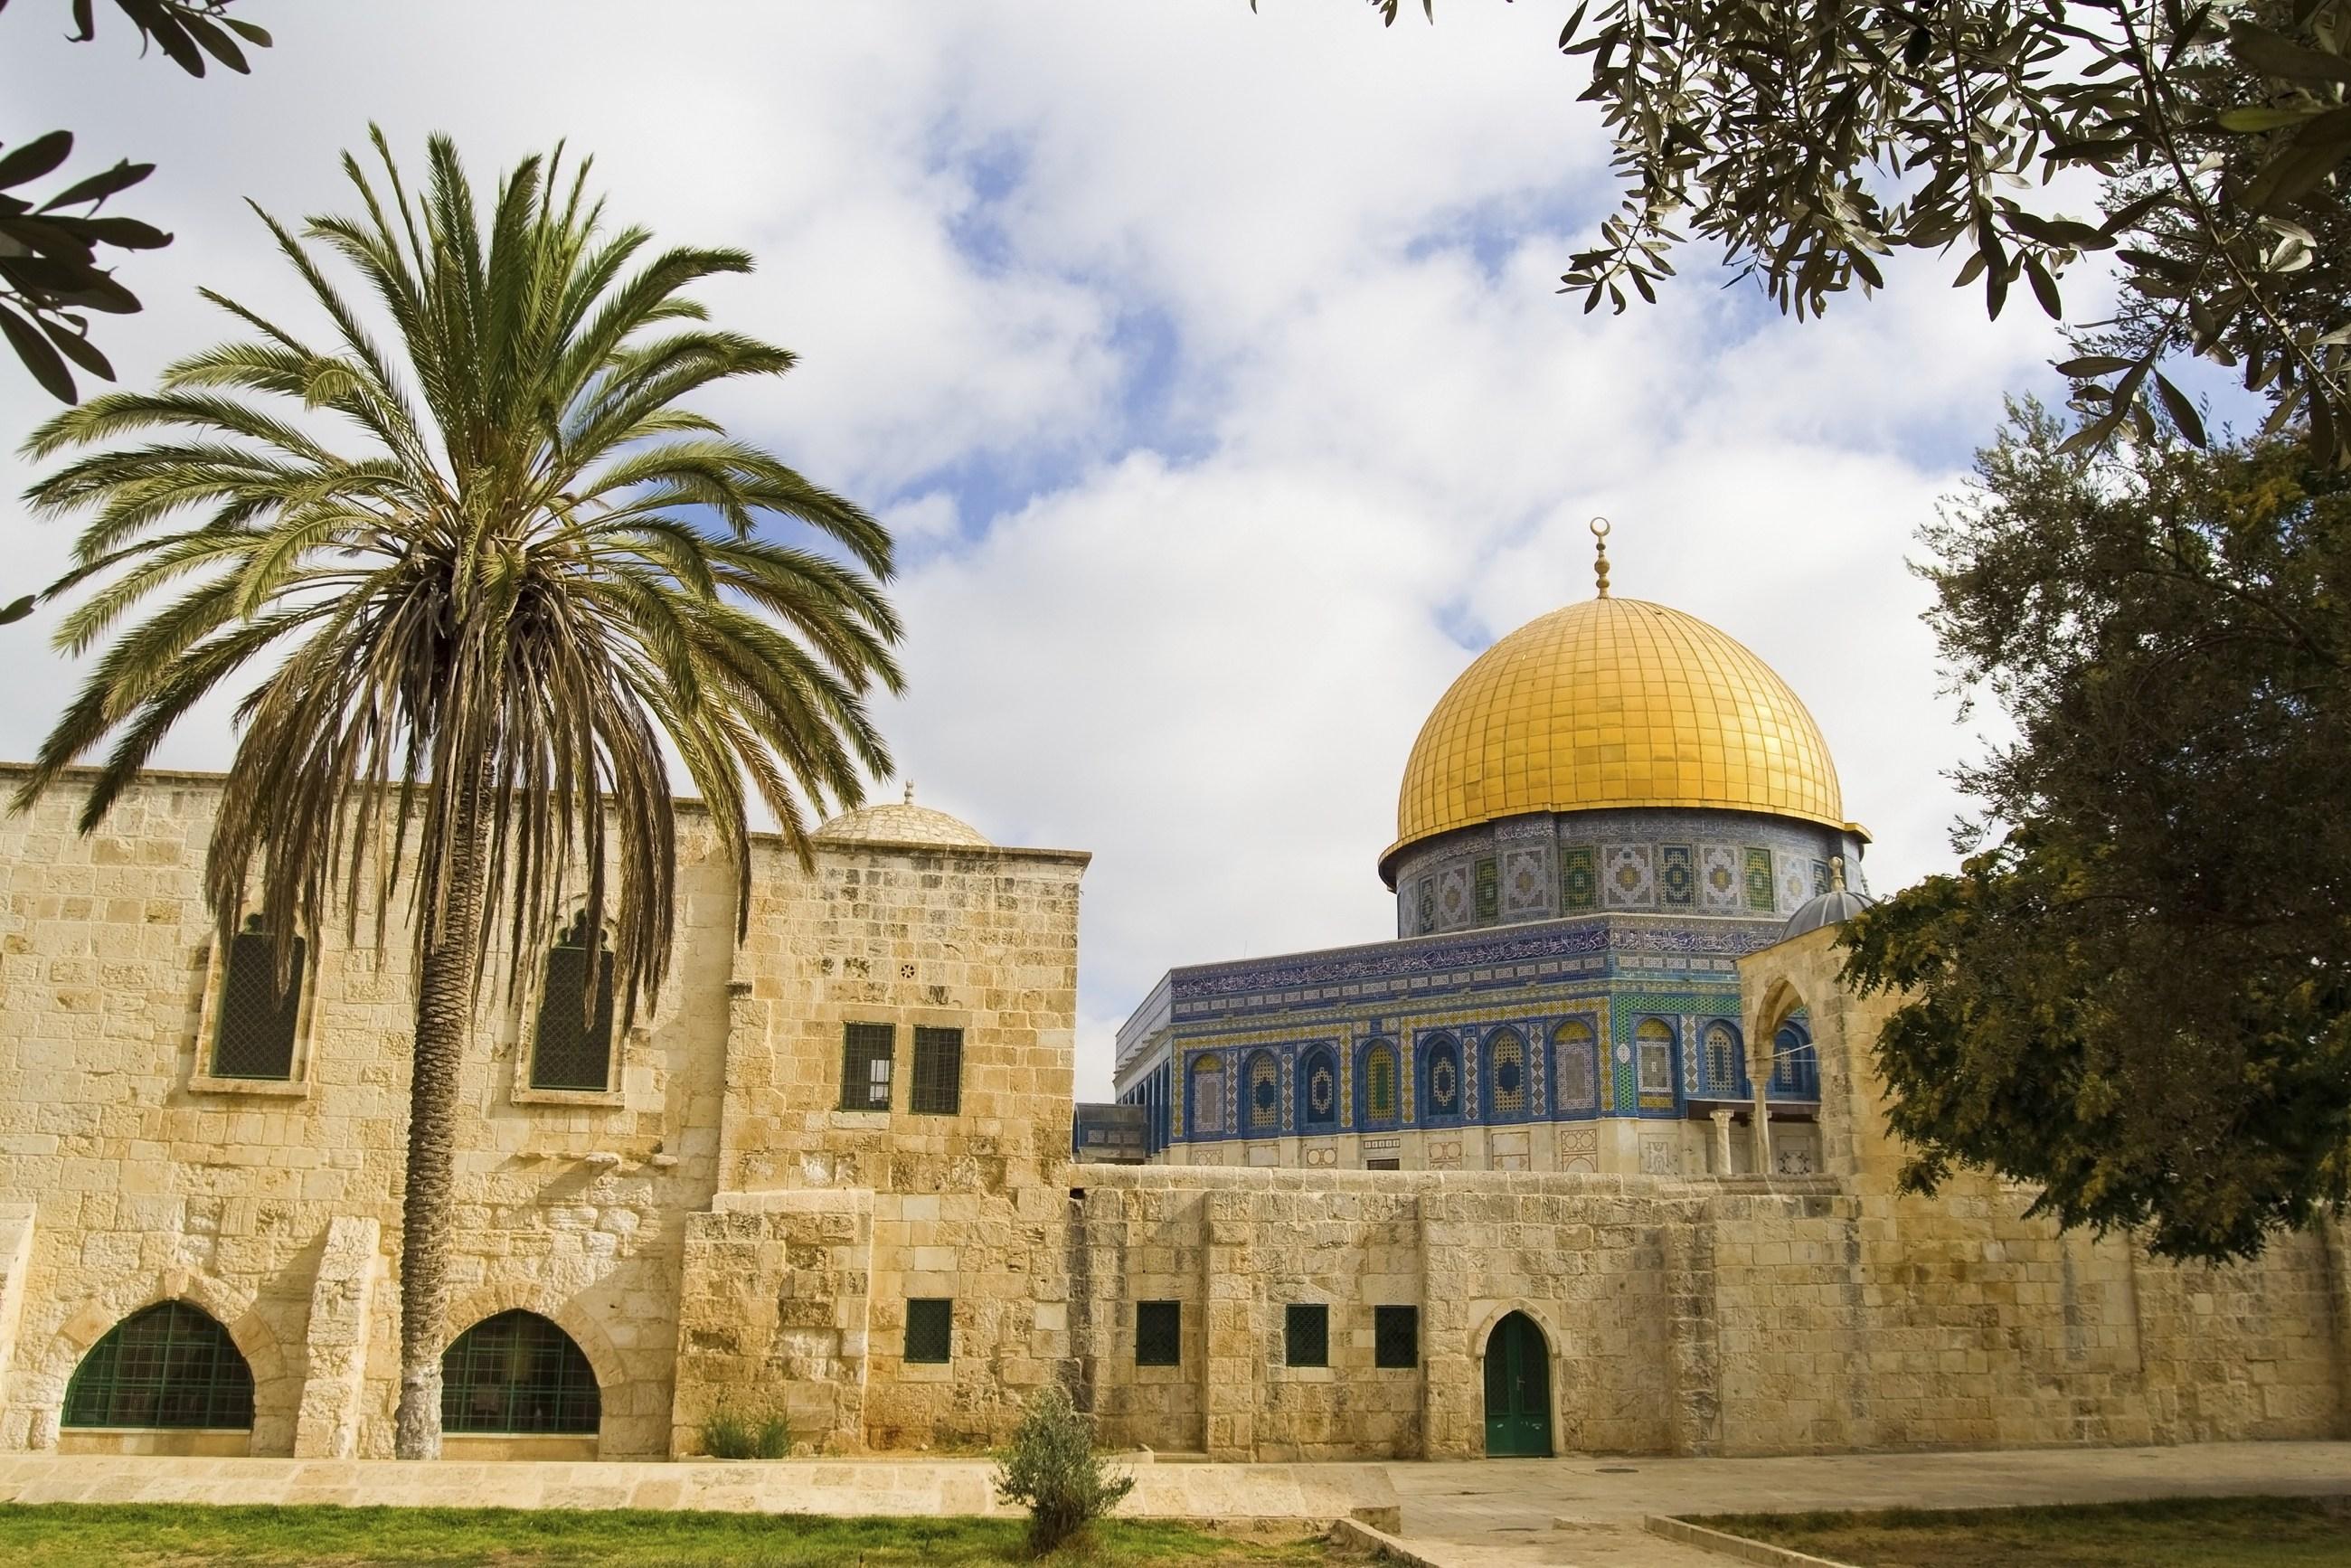 Historical architectural marvels of Jerusalem